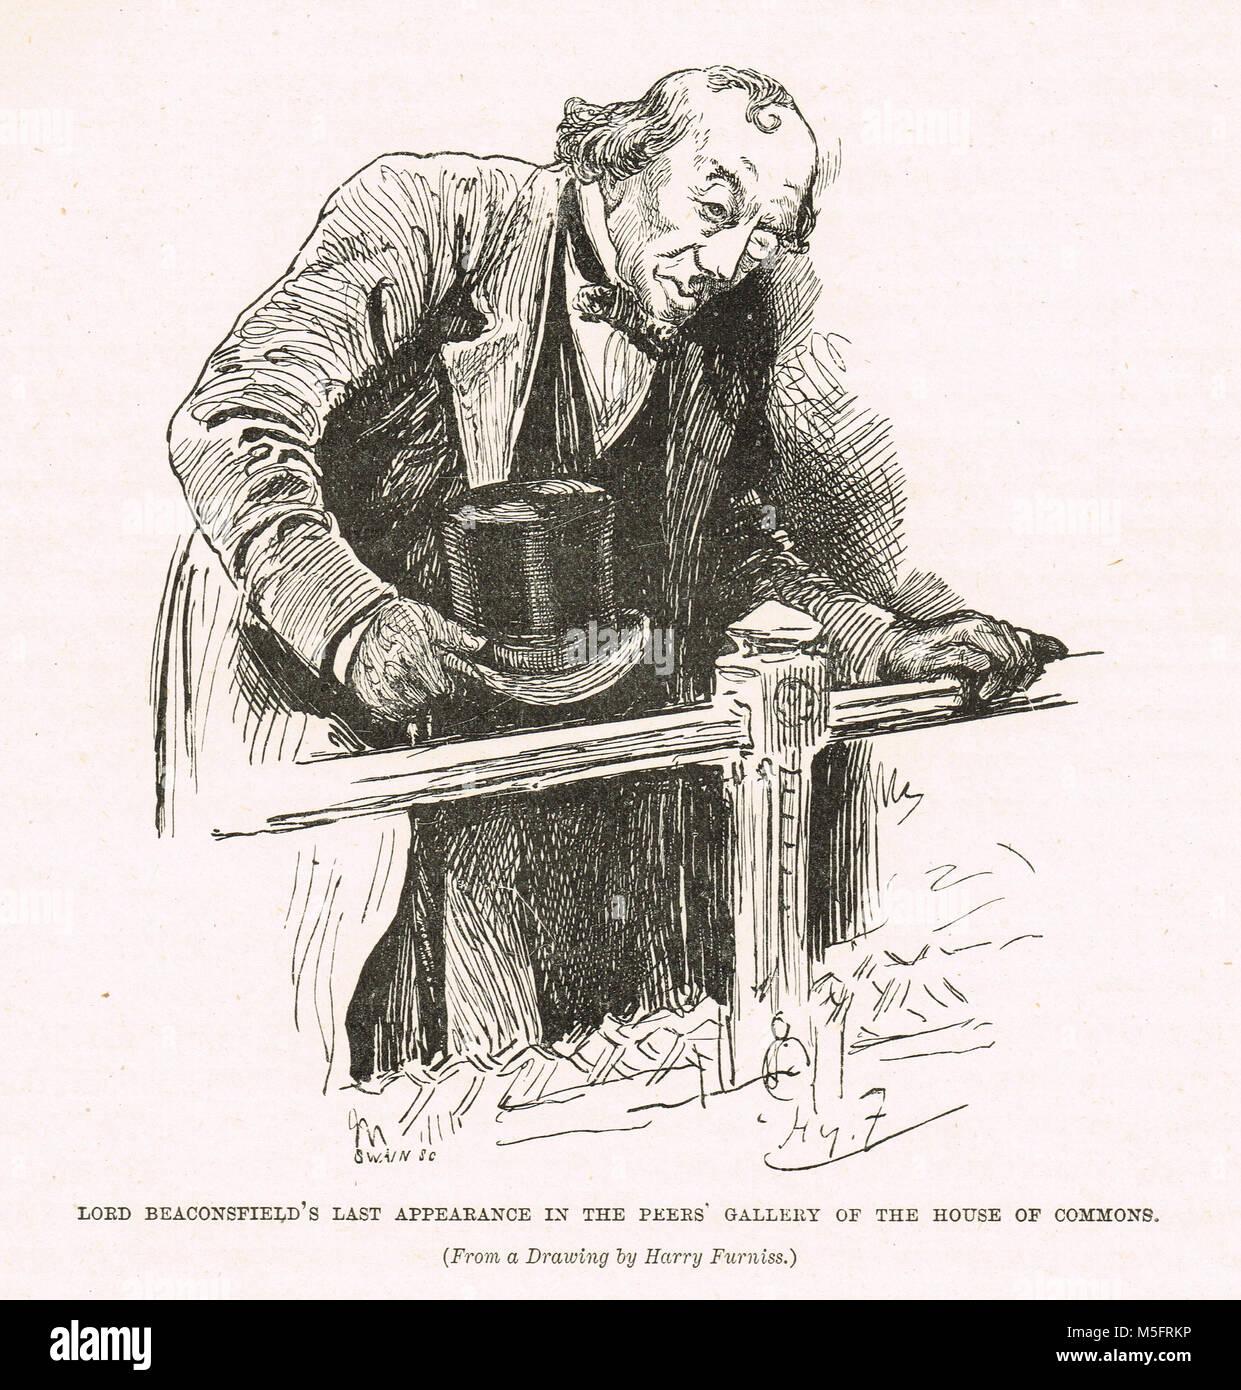 Benjamin Disraeli's dernière apparition dans la galerie des pairs, de la Chambre des communes, vers 1881 Photo Stock